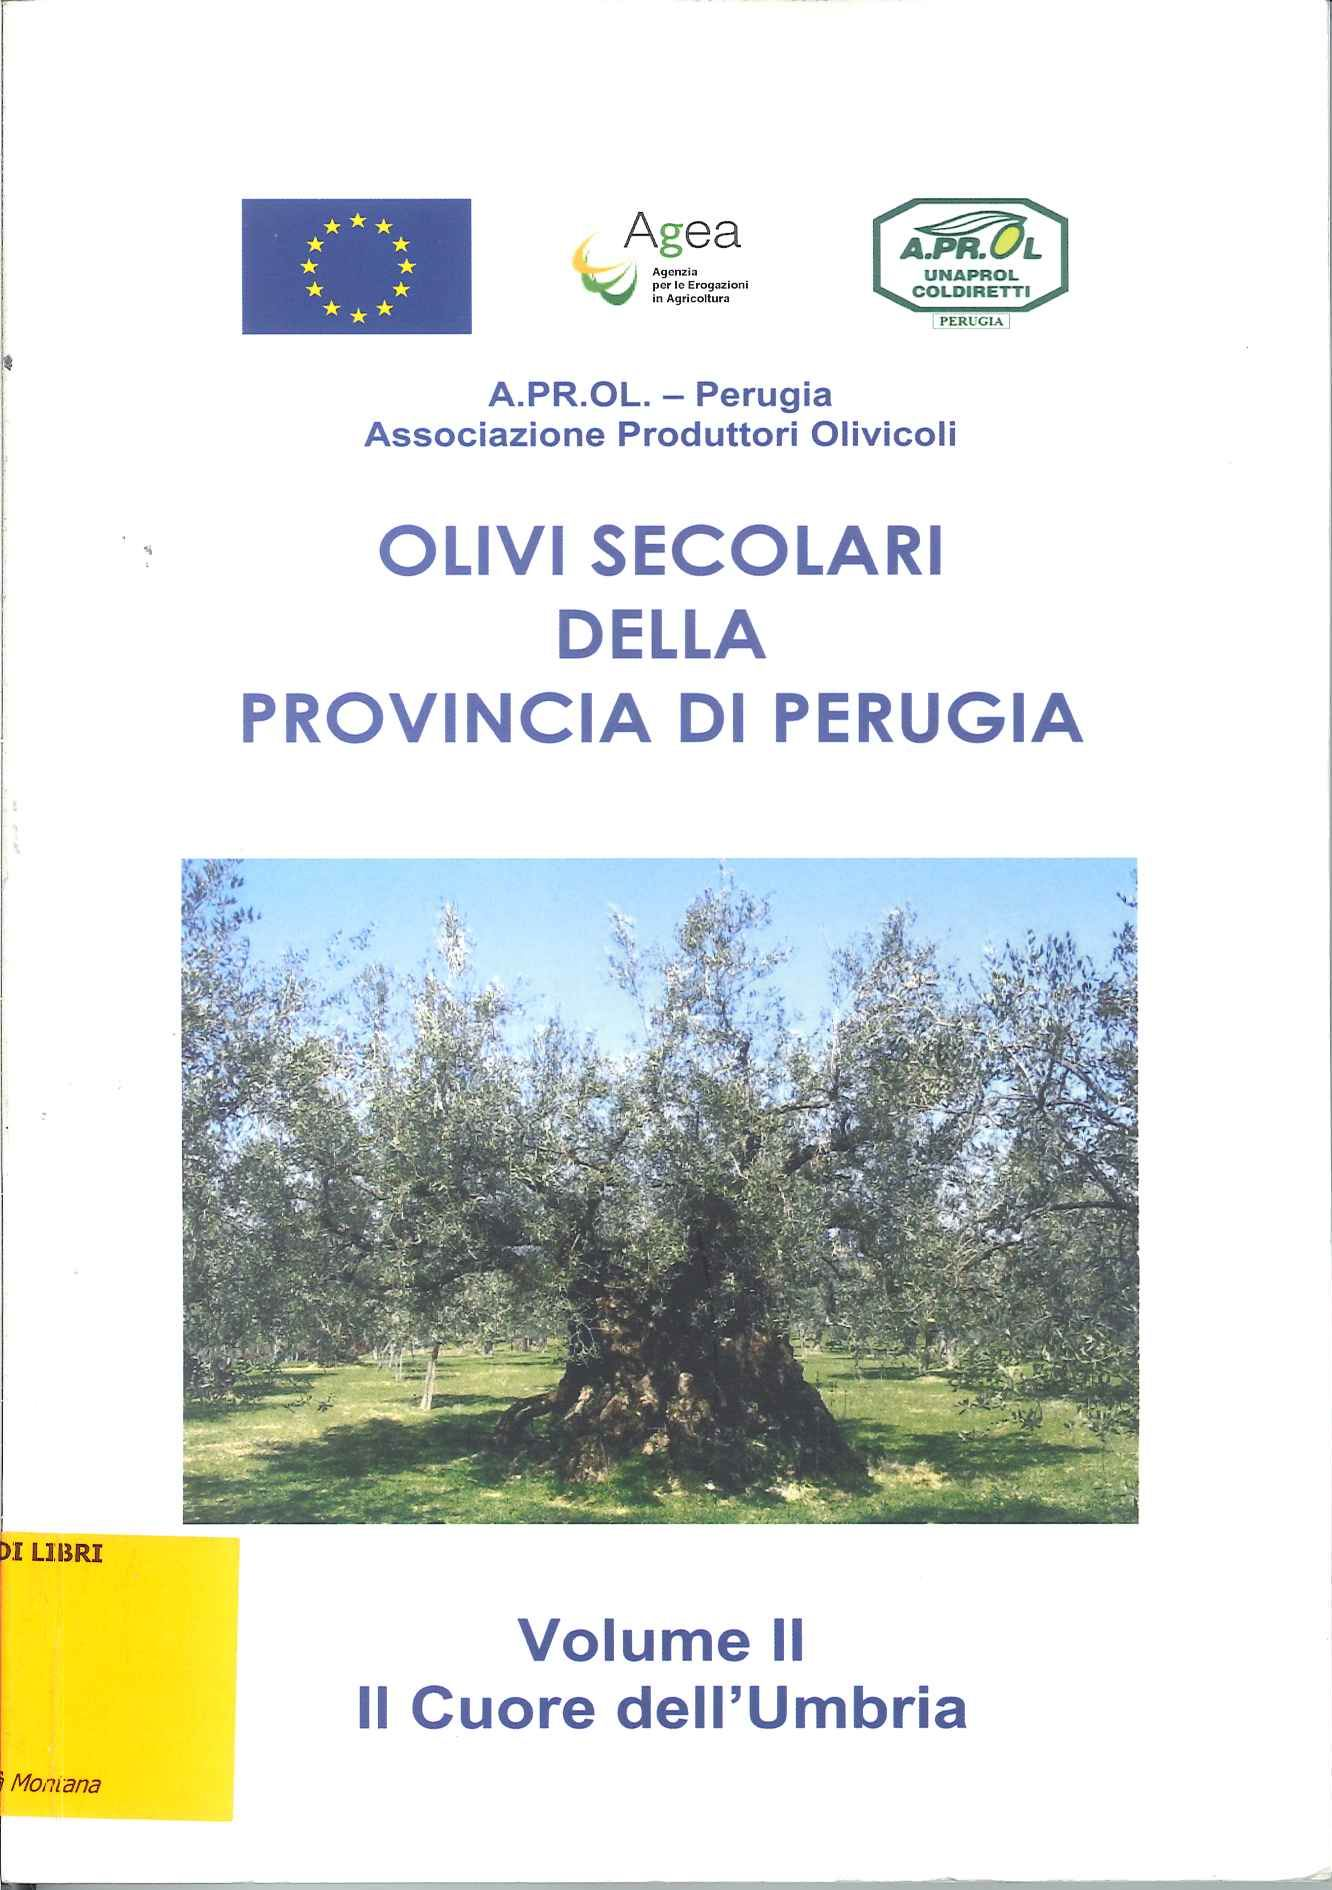 Olivi secolari della Provincia di Perugia - Vol. 2